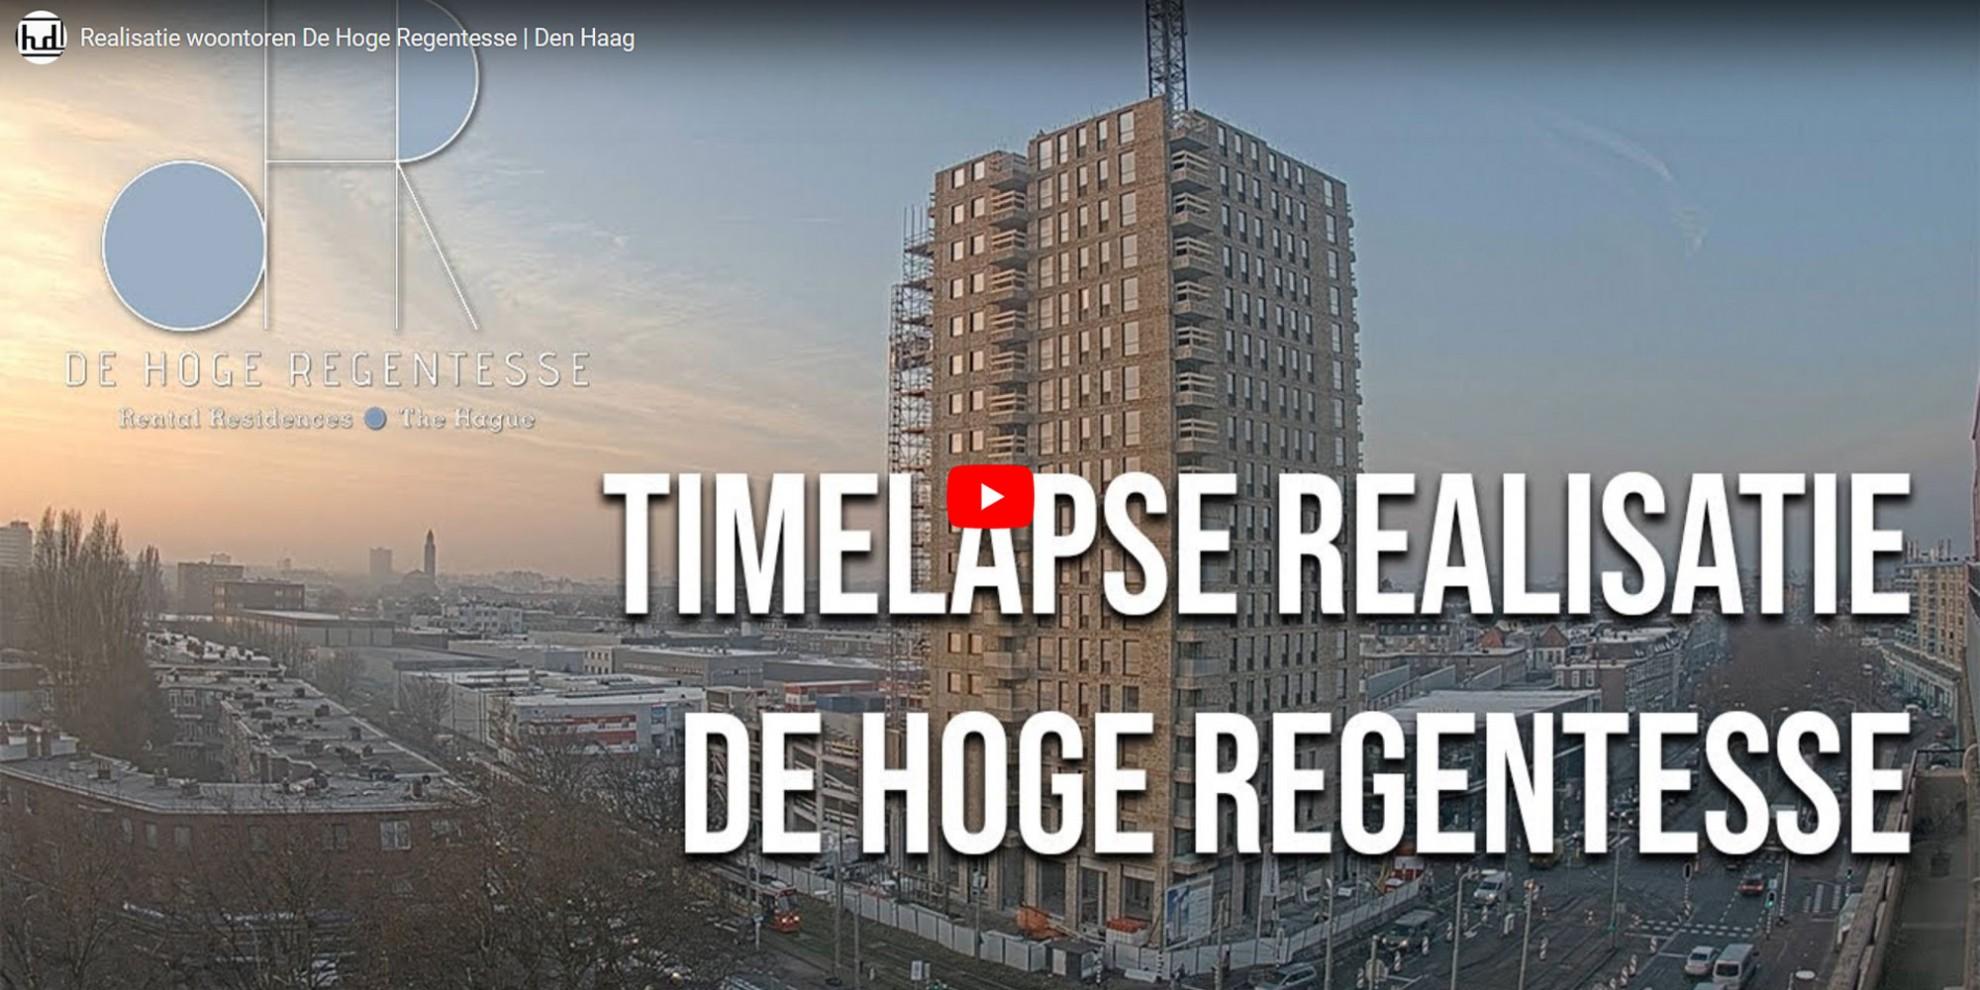 Woontoren in Den Haag bijna gereed!